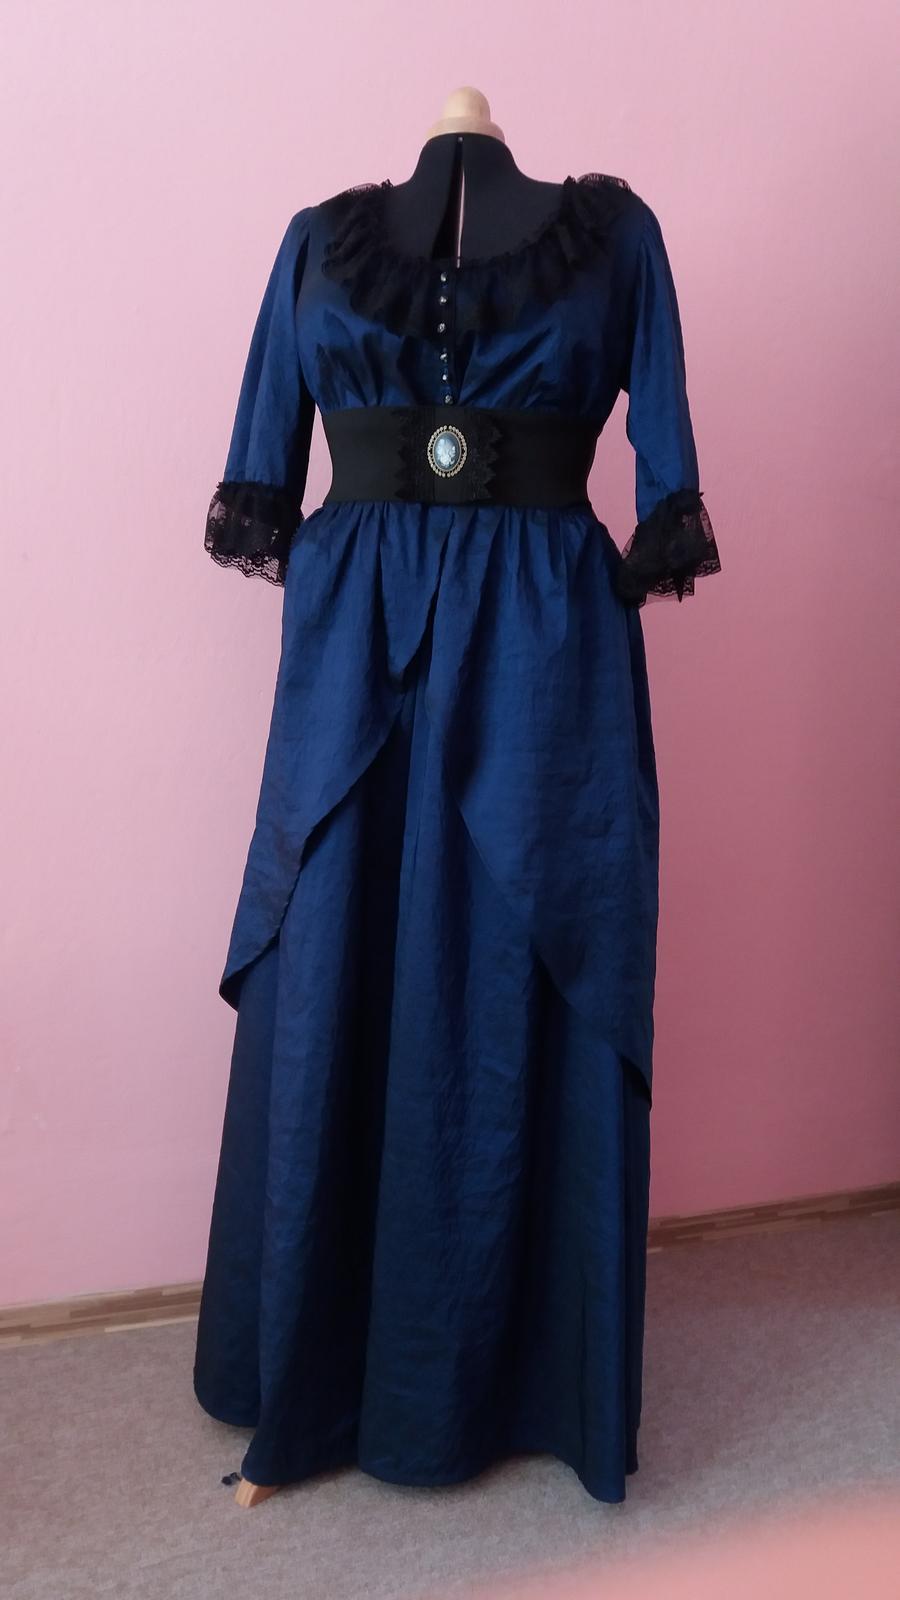 Naše dobová viktoriánská  svatba - Maminčiny šaty už jsou hotové, už jen fascinátor dodělám